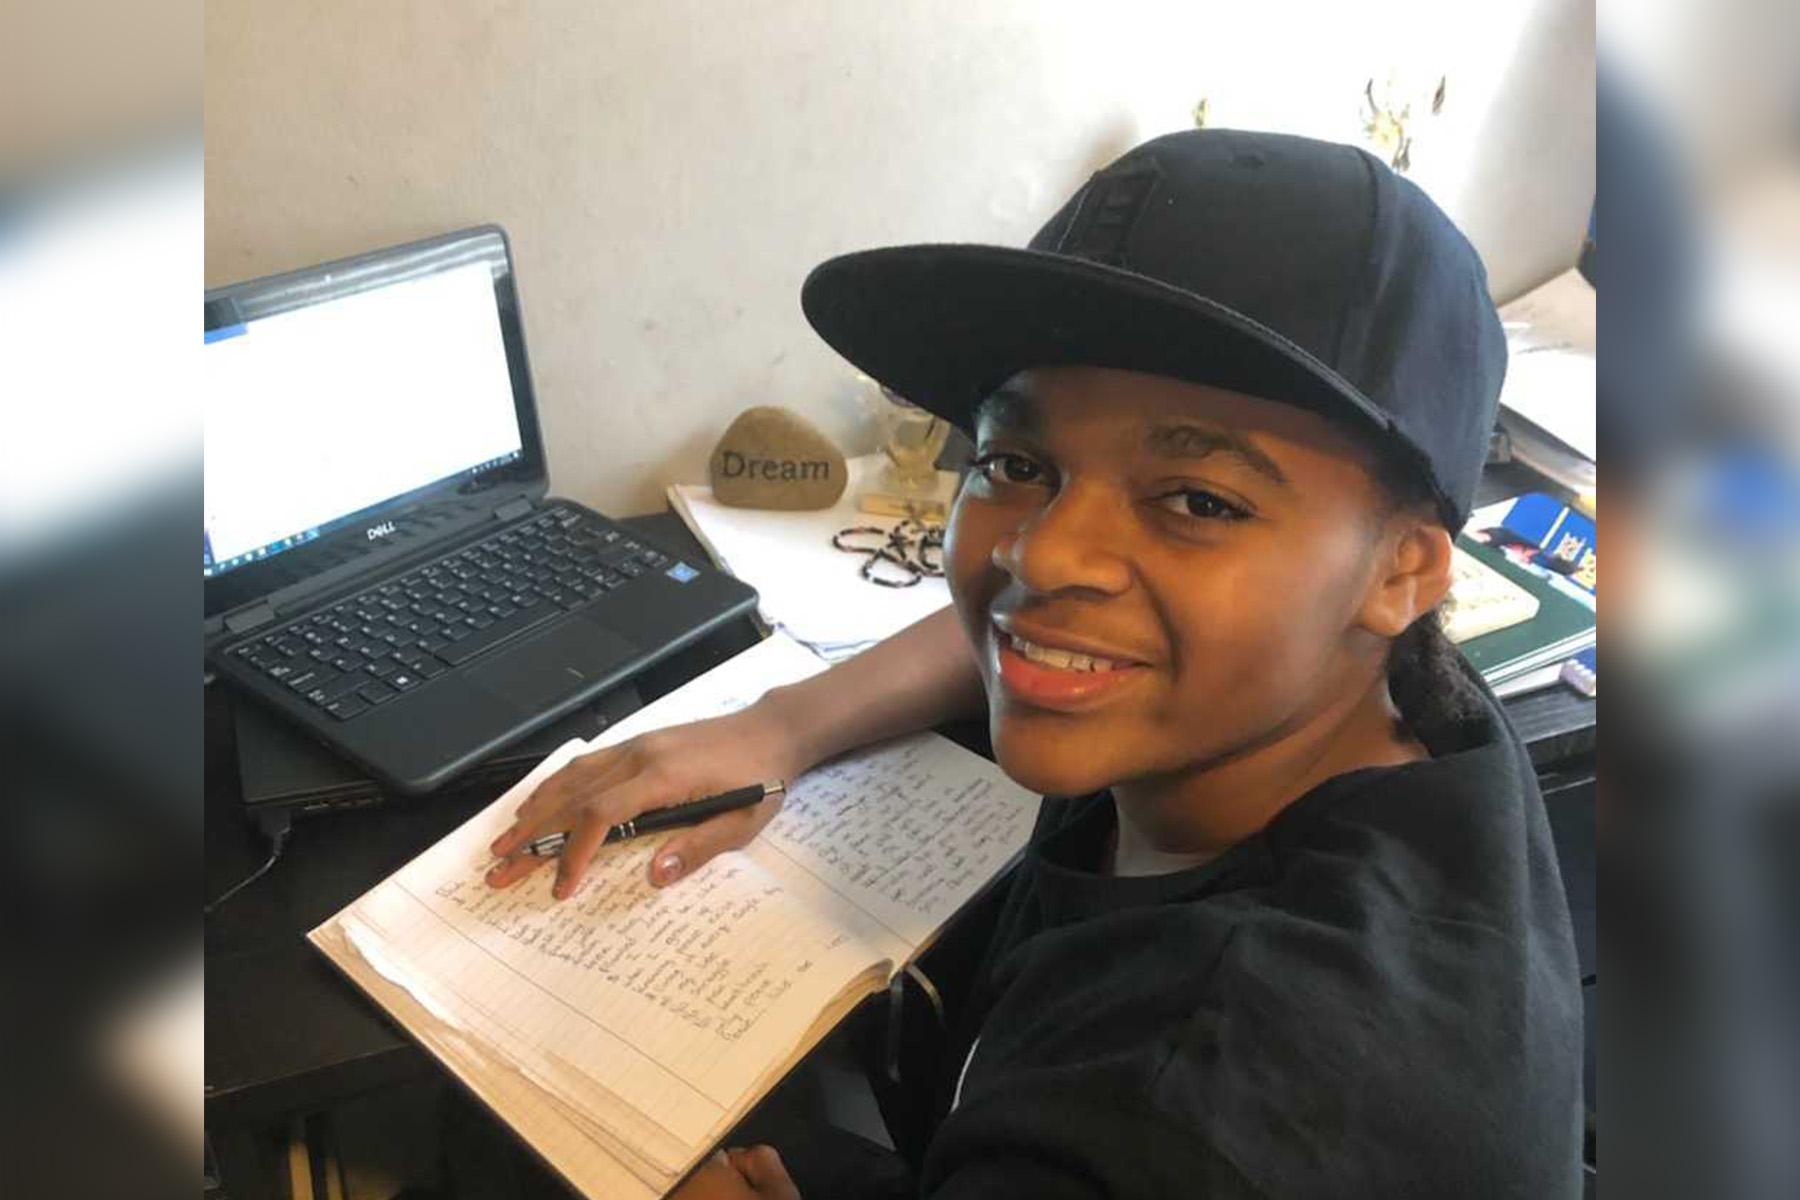 King Bethel smiling at his desk at home.